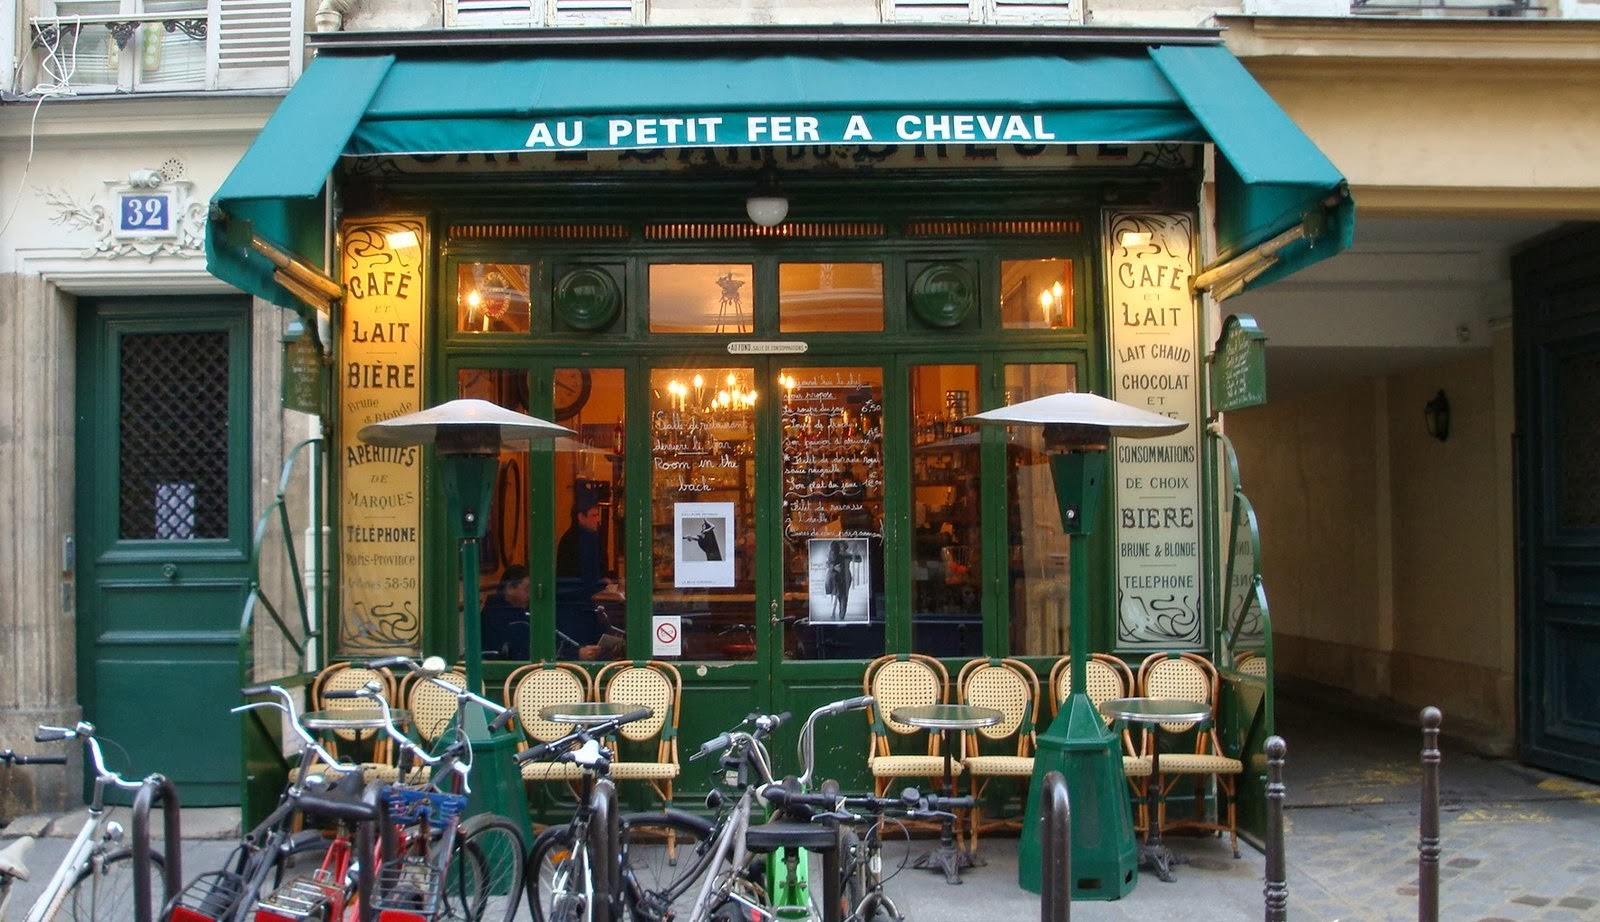 Caf_-Paris-Fran_a-3